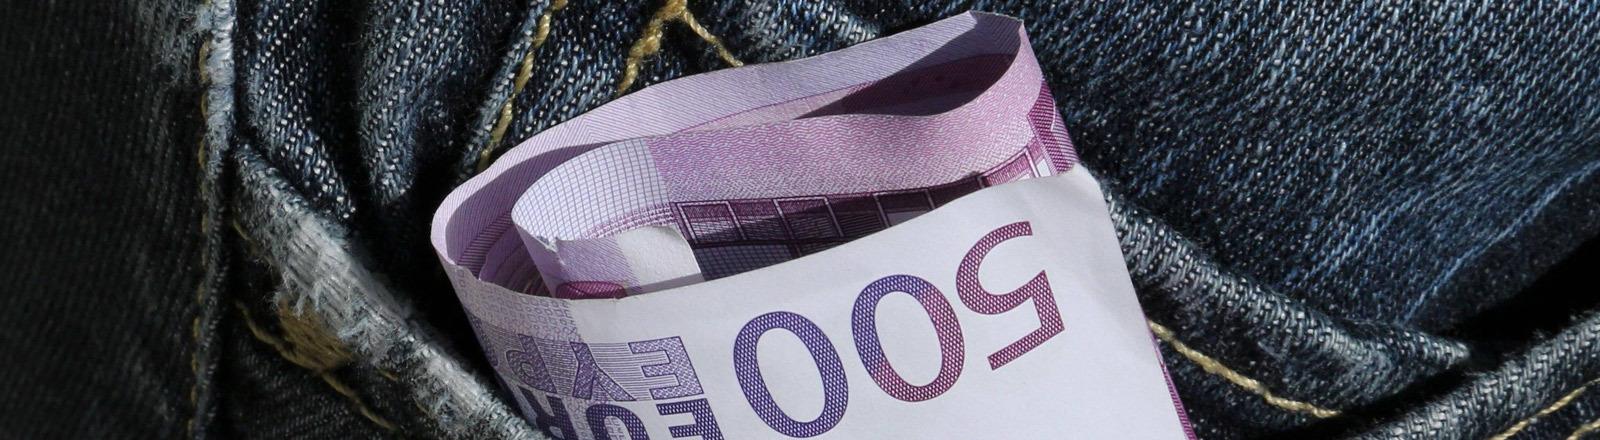 Ein 500 Euro-Schein in einer Jeans-Hosentasche